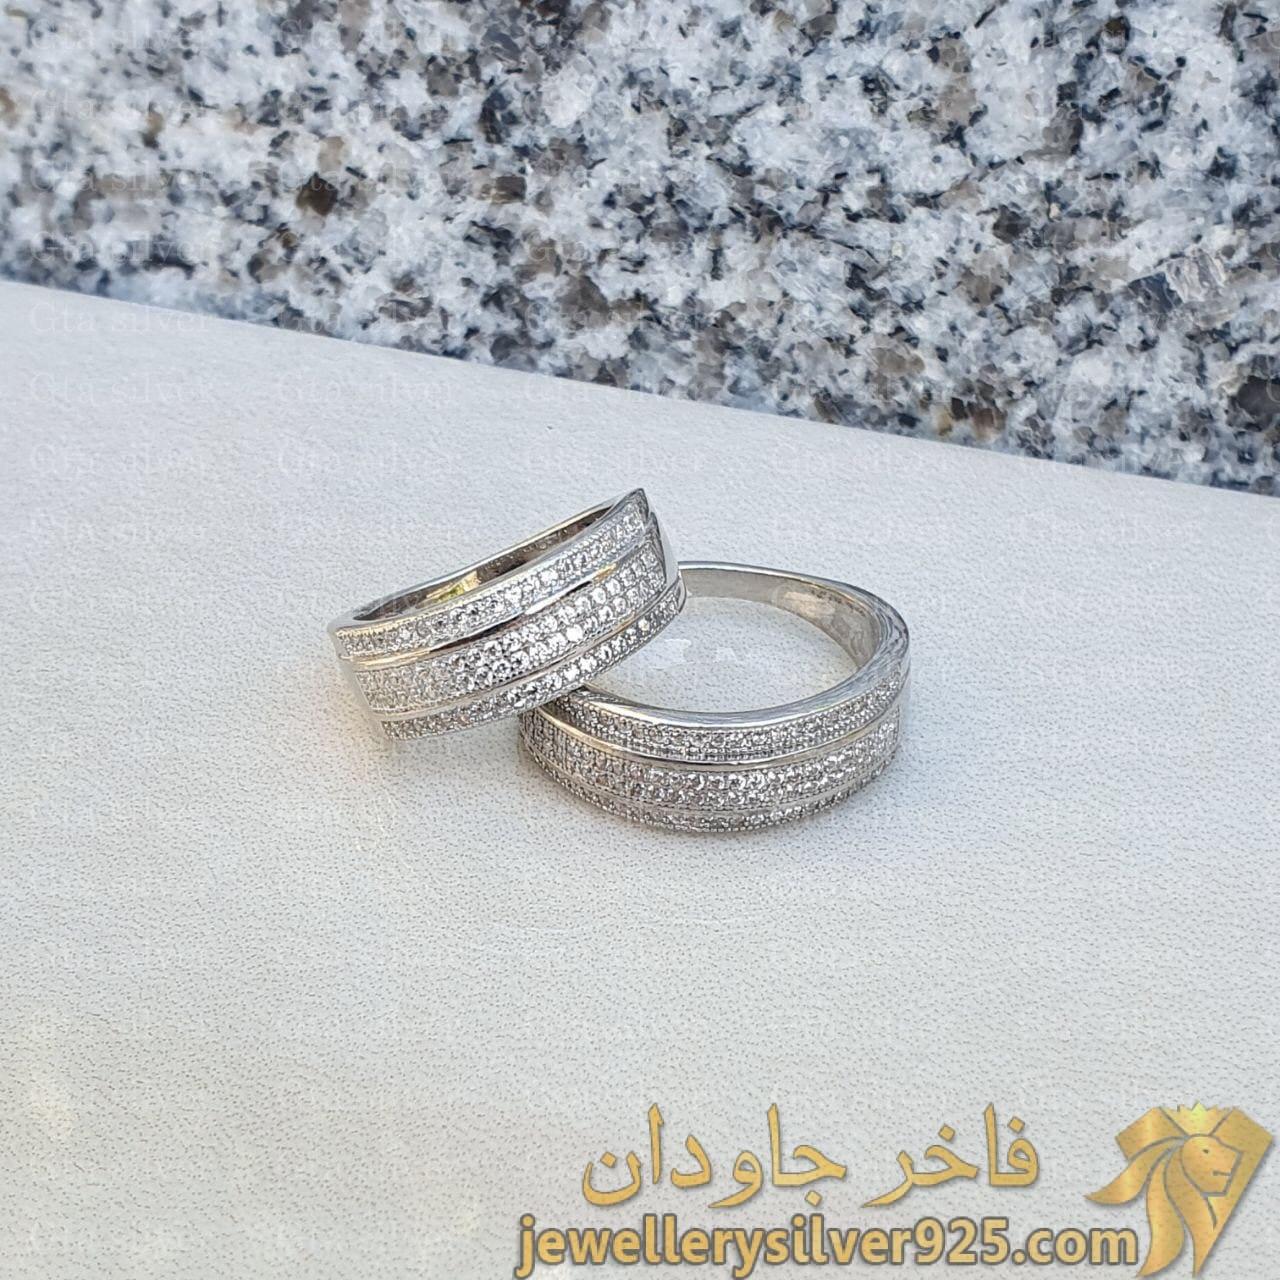 ست حلقه ازدواج وزن 9.5 گرم مدل 27